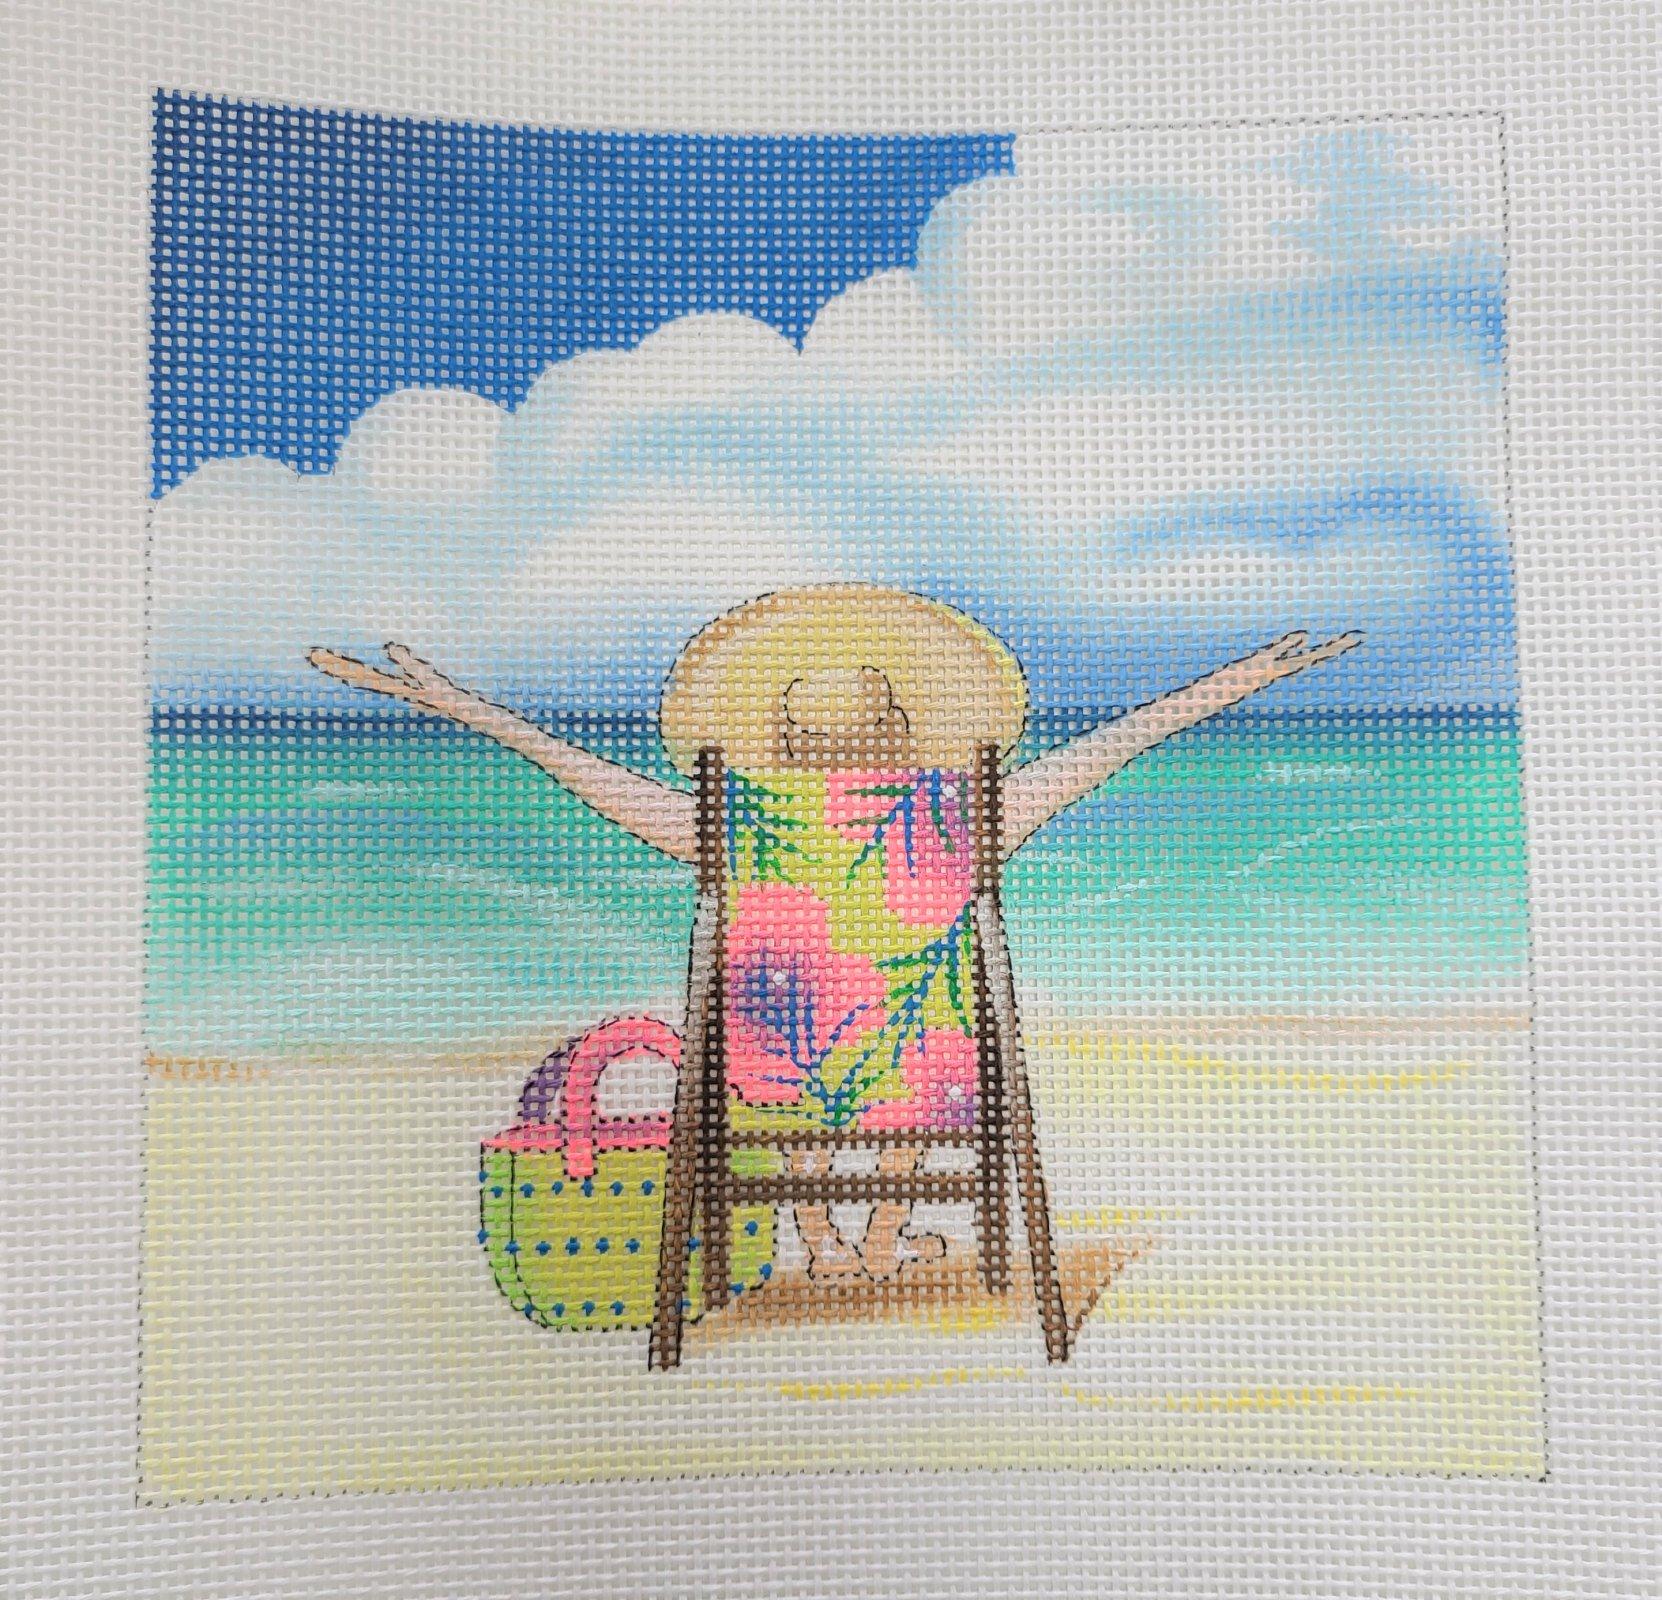 At the beach 7x7 13 mesh needlepoint *HANDPAINTED*